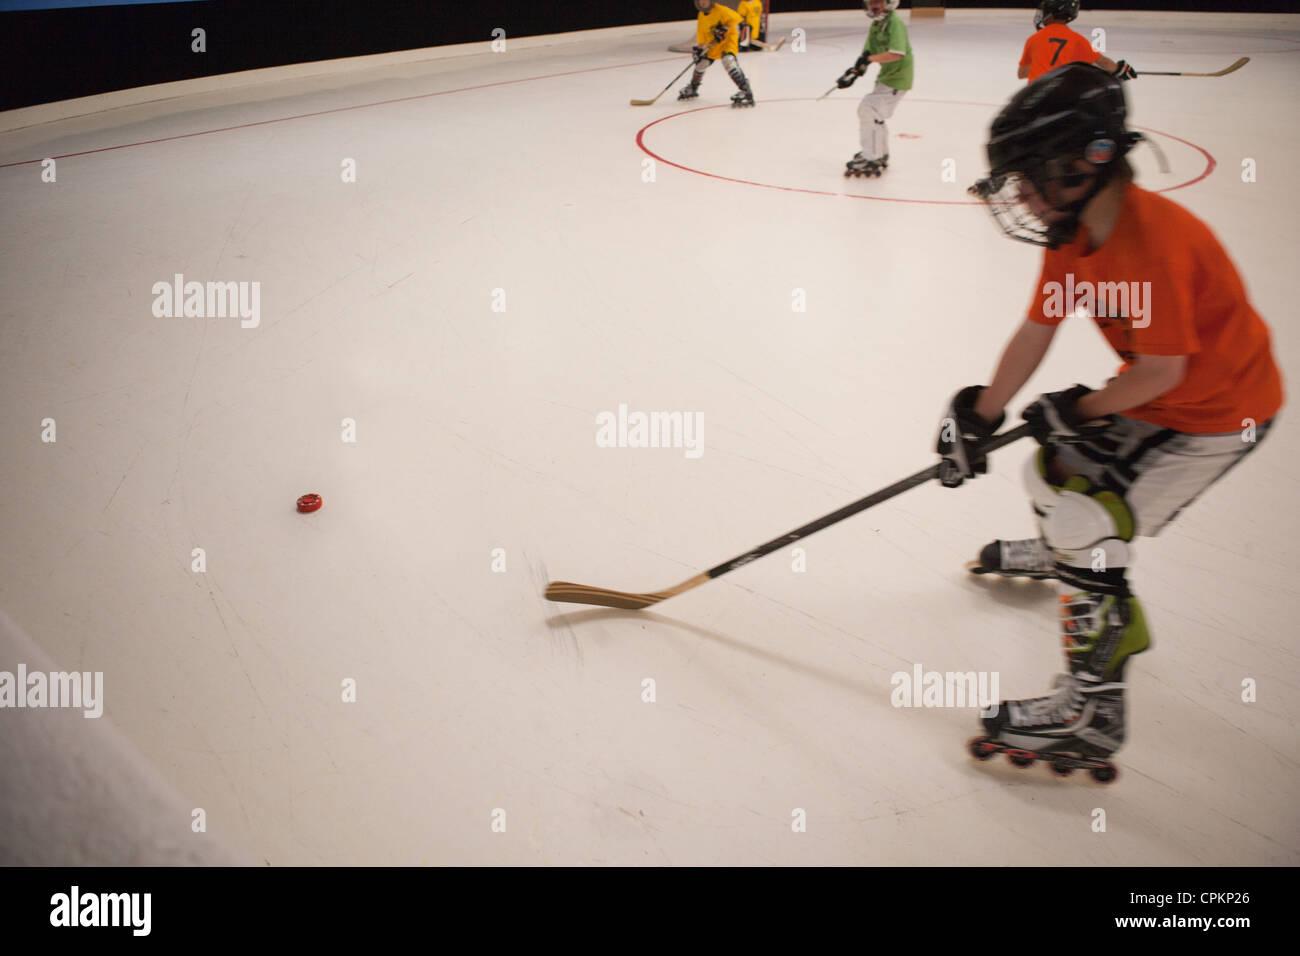 Hockey Player Skating Rink, dans la ligue de hockey des jeunes, visant à rondelle. Photo Stock